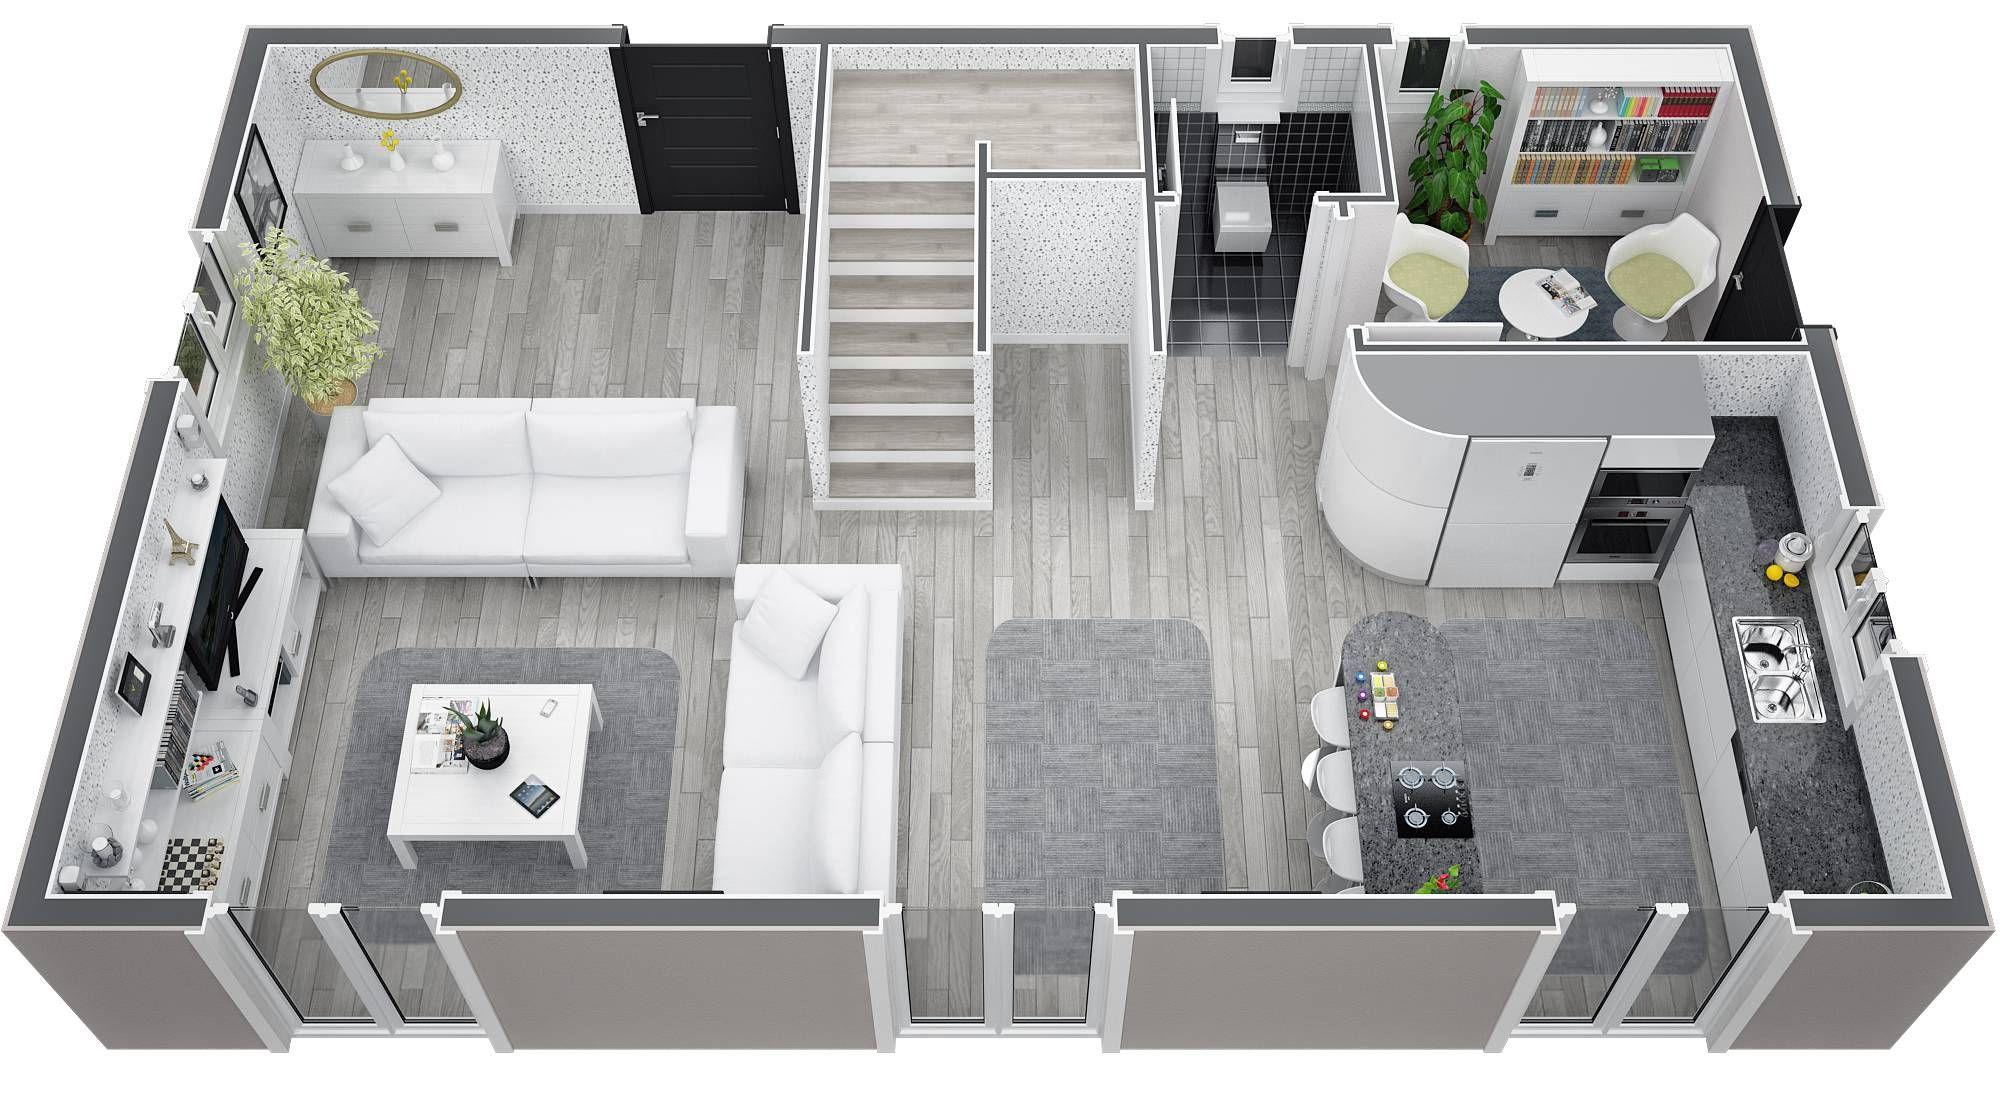 Modeles 2000 1100 for Modele d architecture de maison